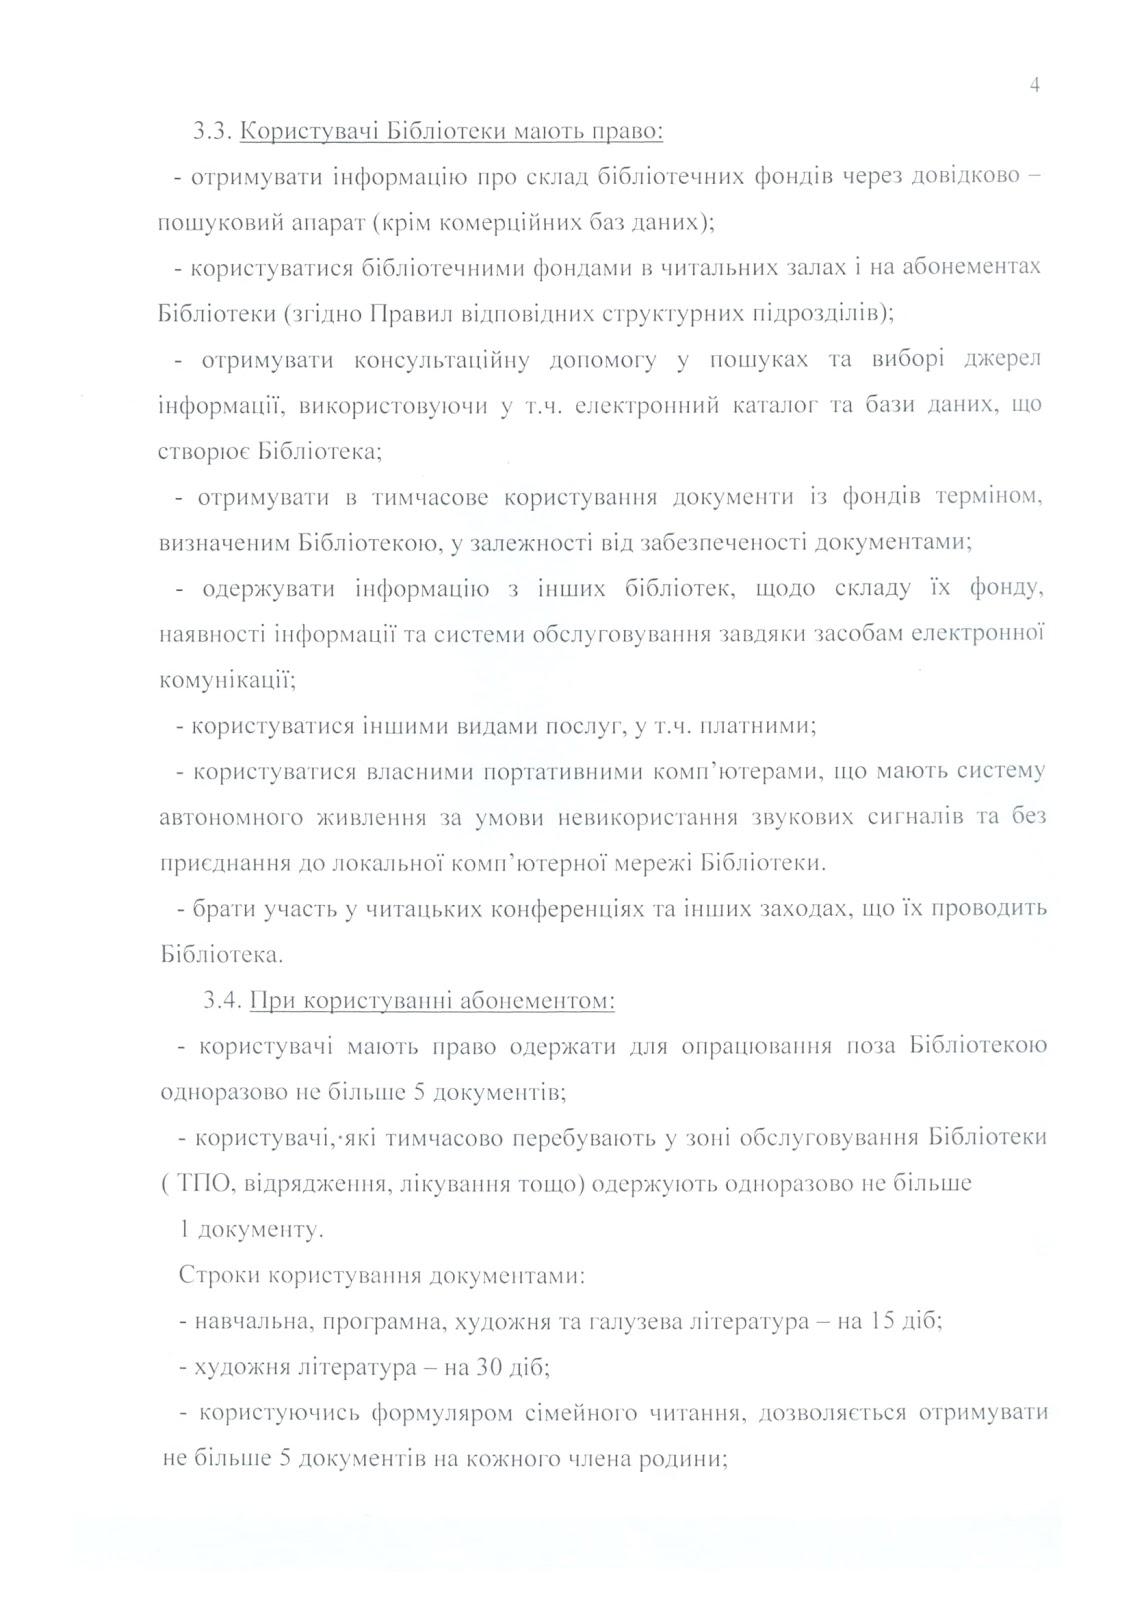 Правила користування ДБУ для юнацтва-4.jpg